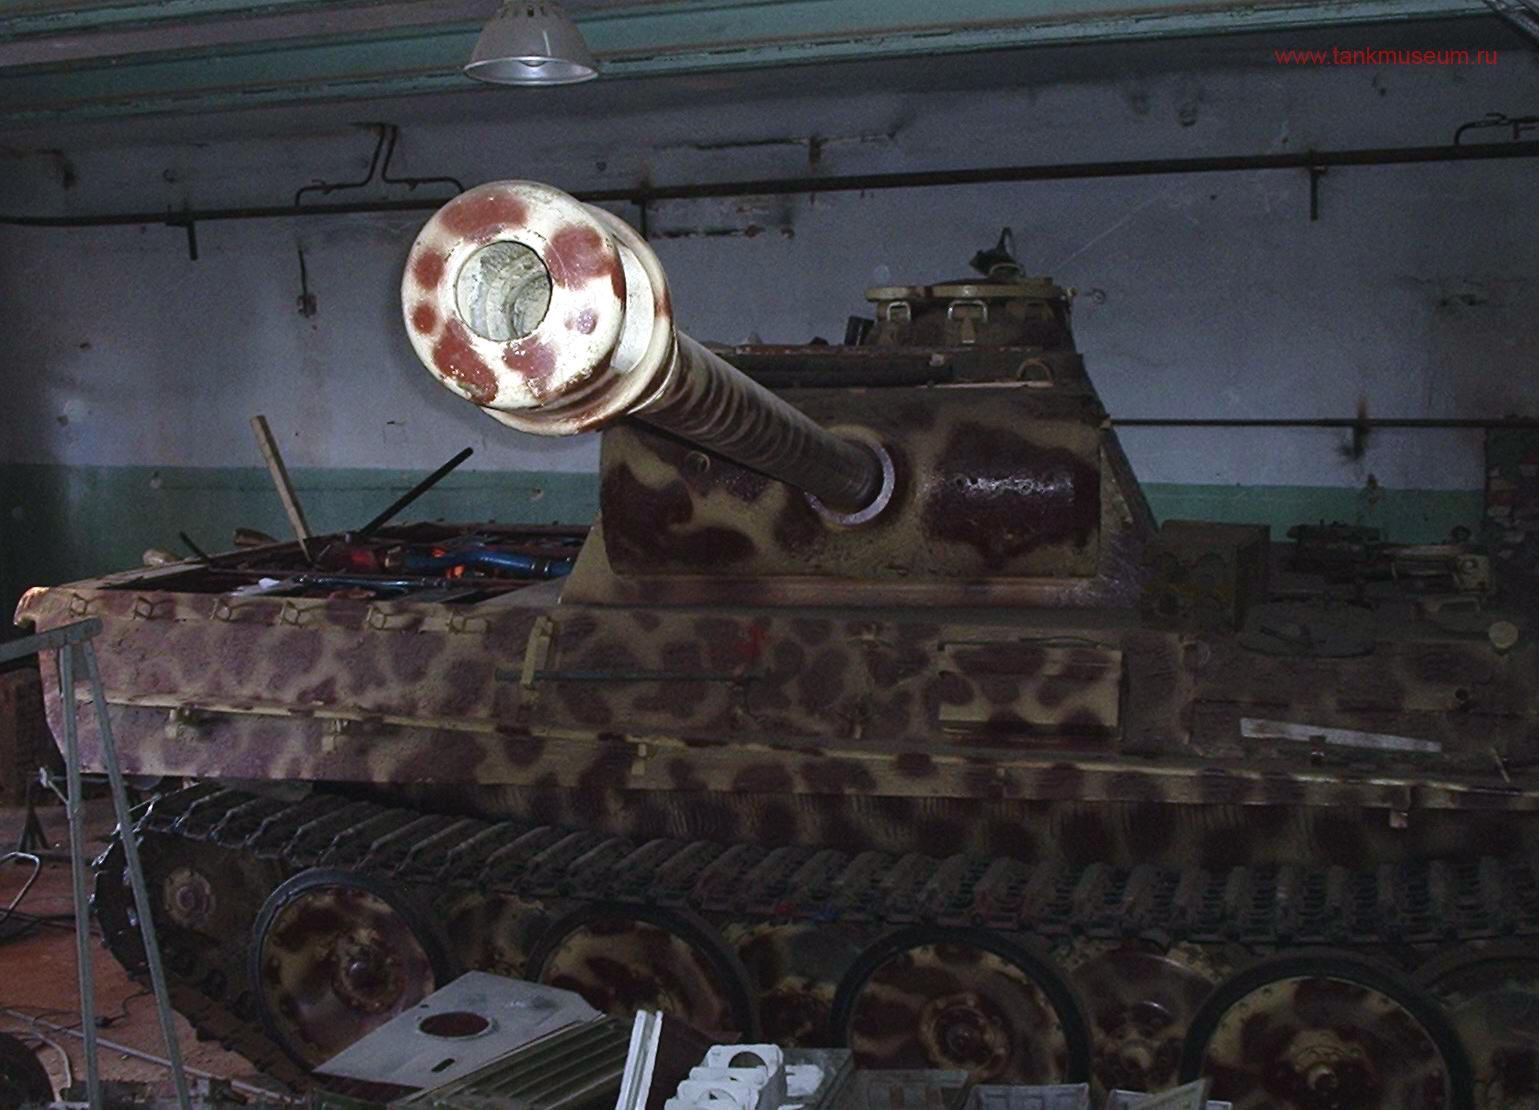 танковый музей в Кубинке ремонт техники